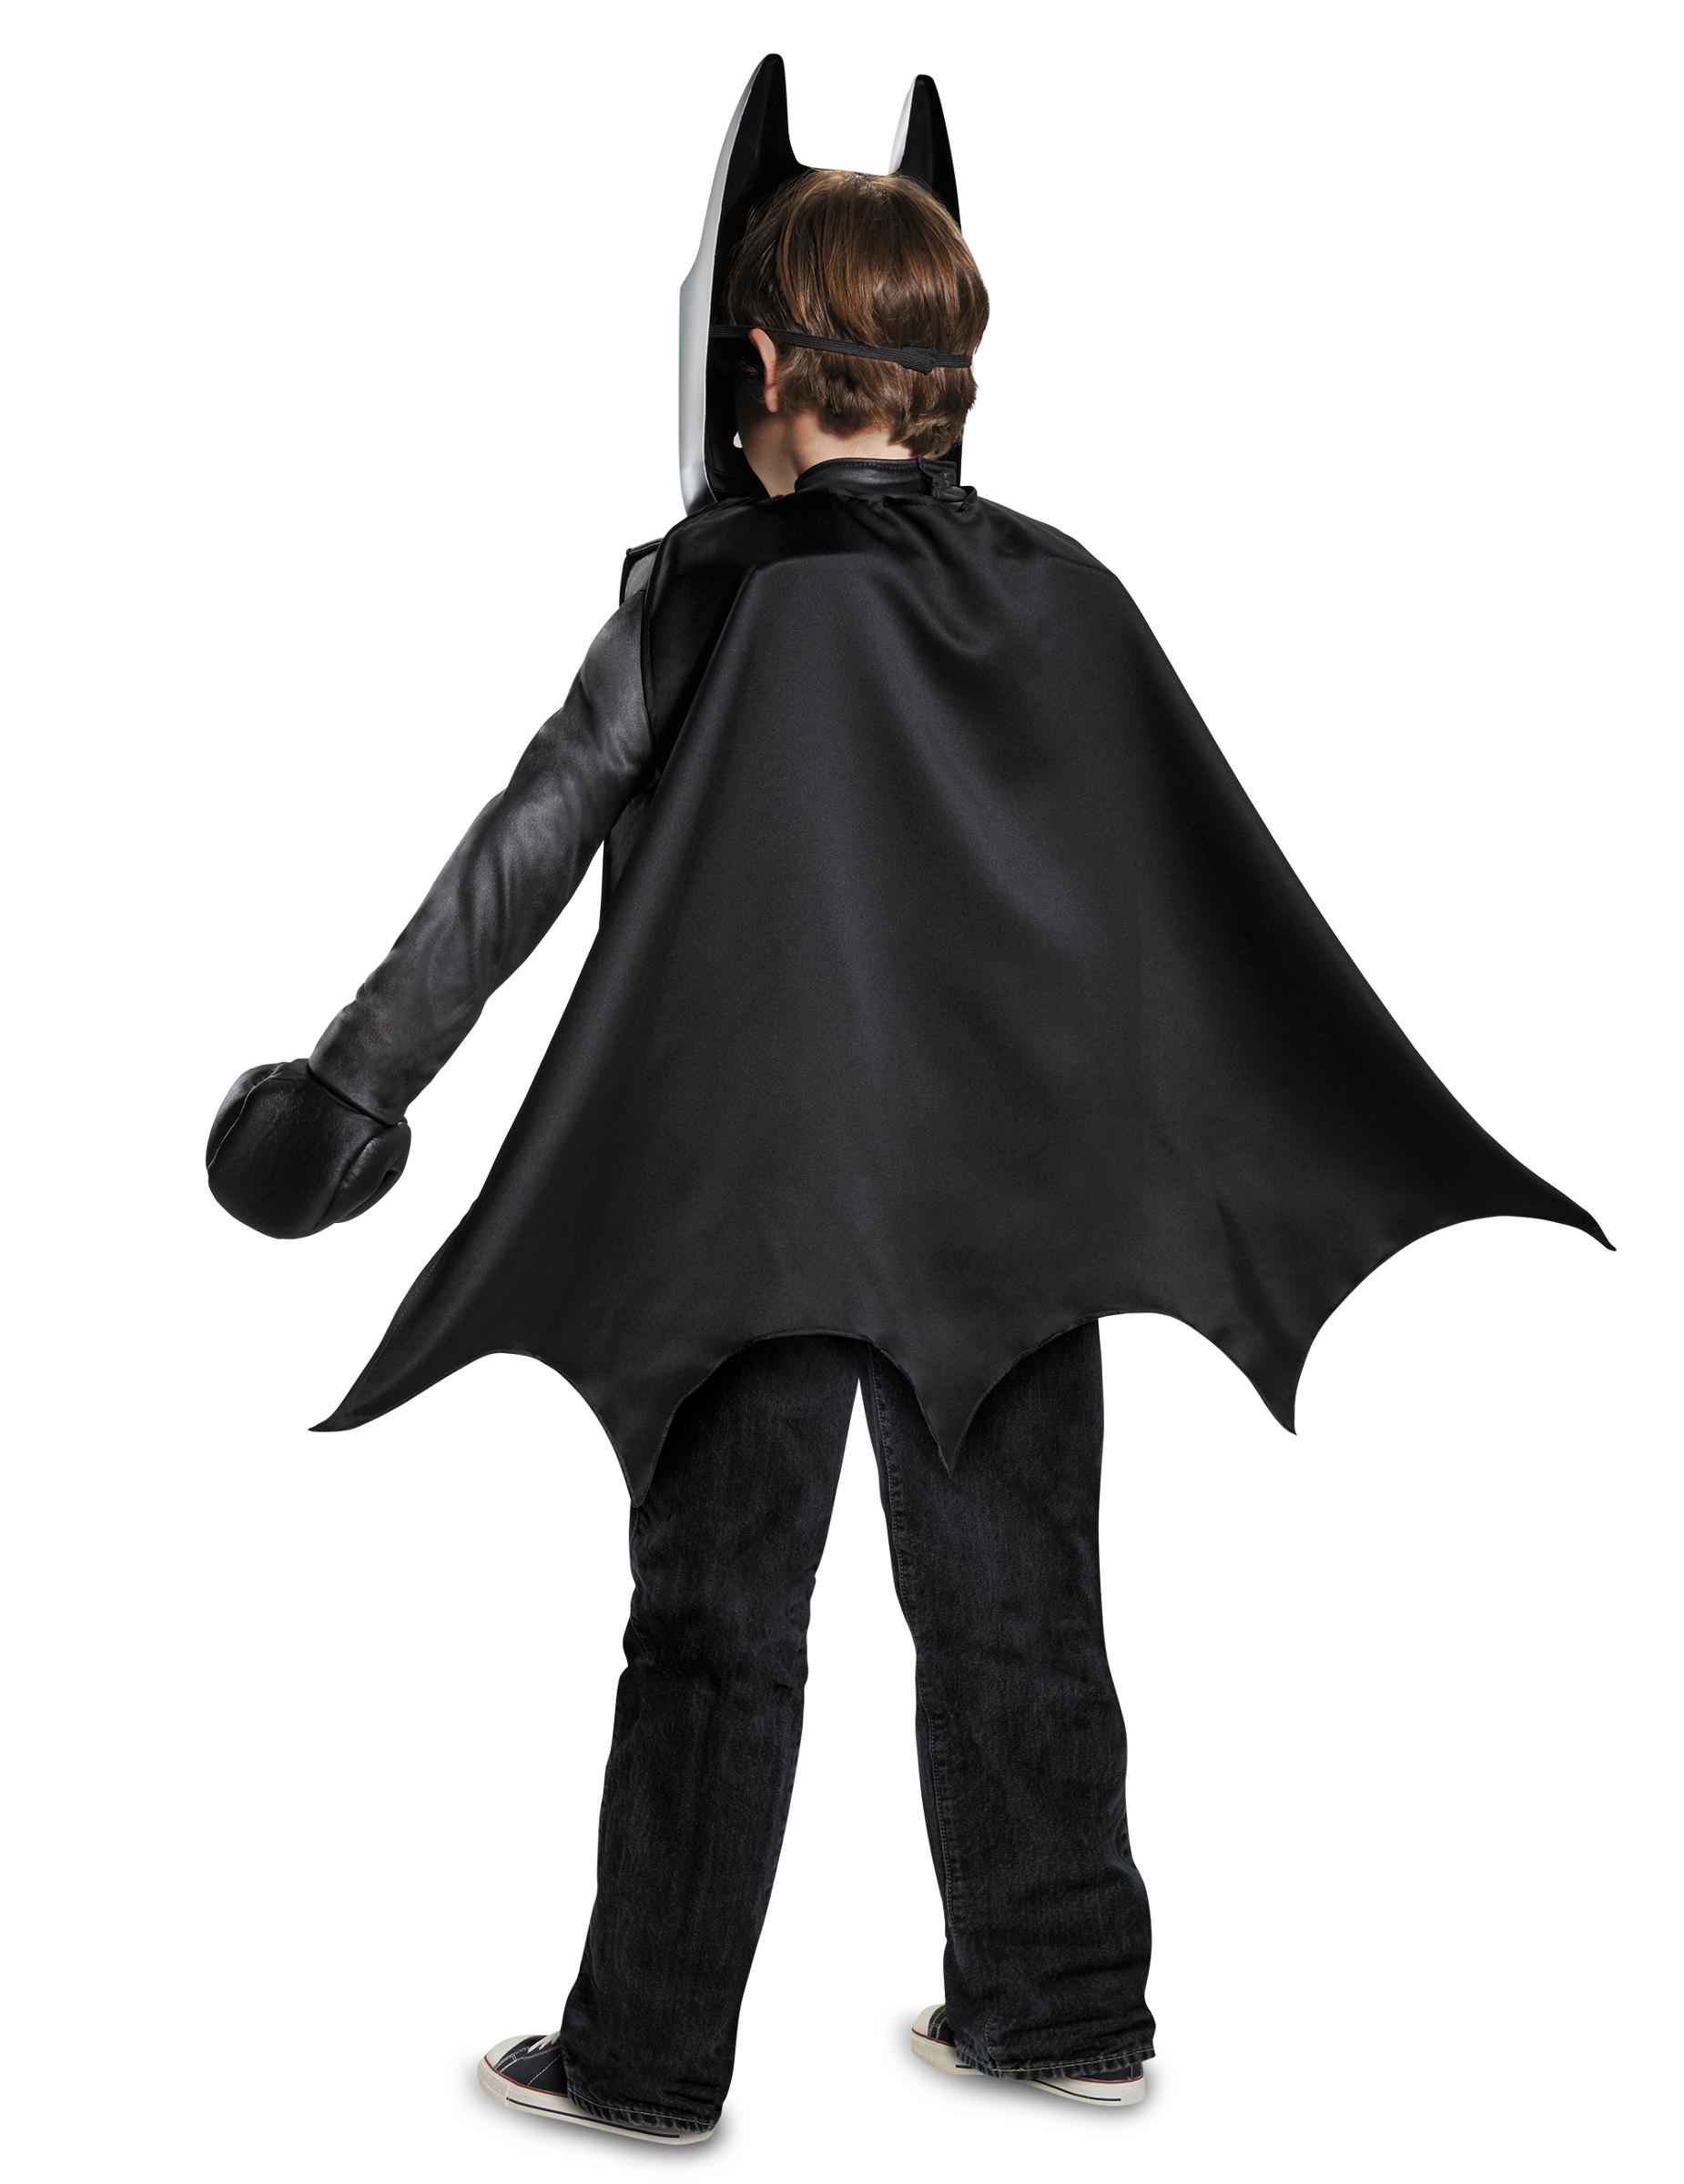 batman lego movie kinder kost m ebay. Black Bedroom Furniture Sets. Home Design Ideas